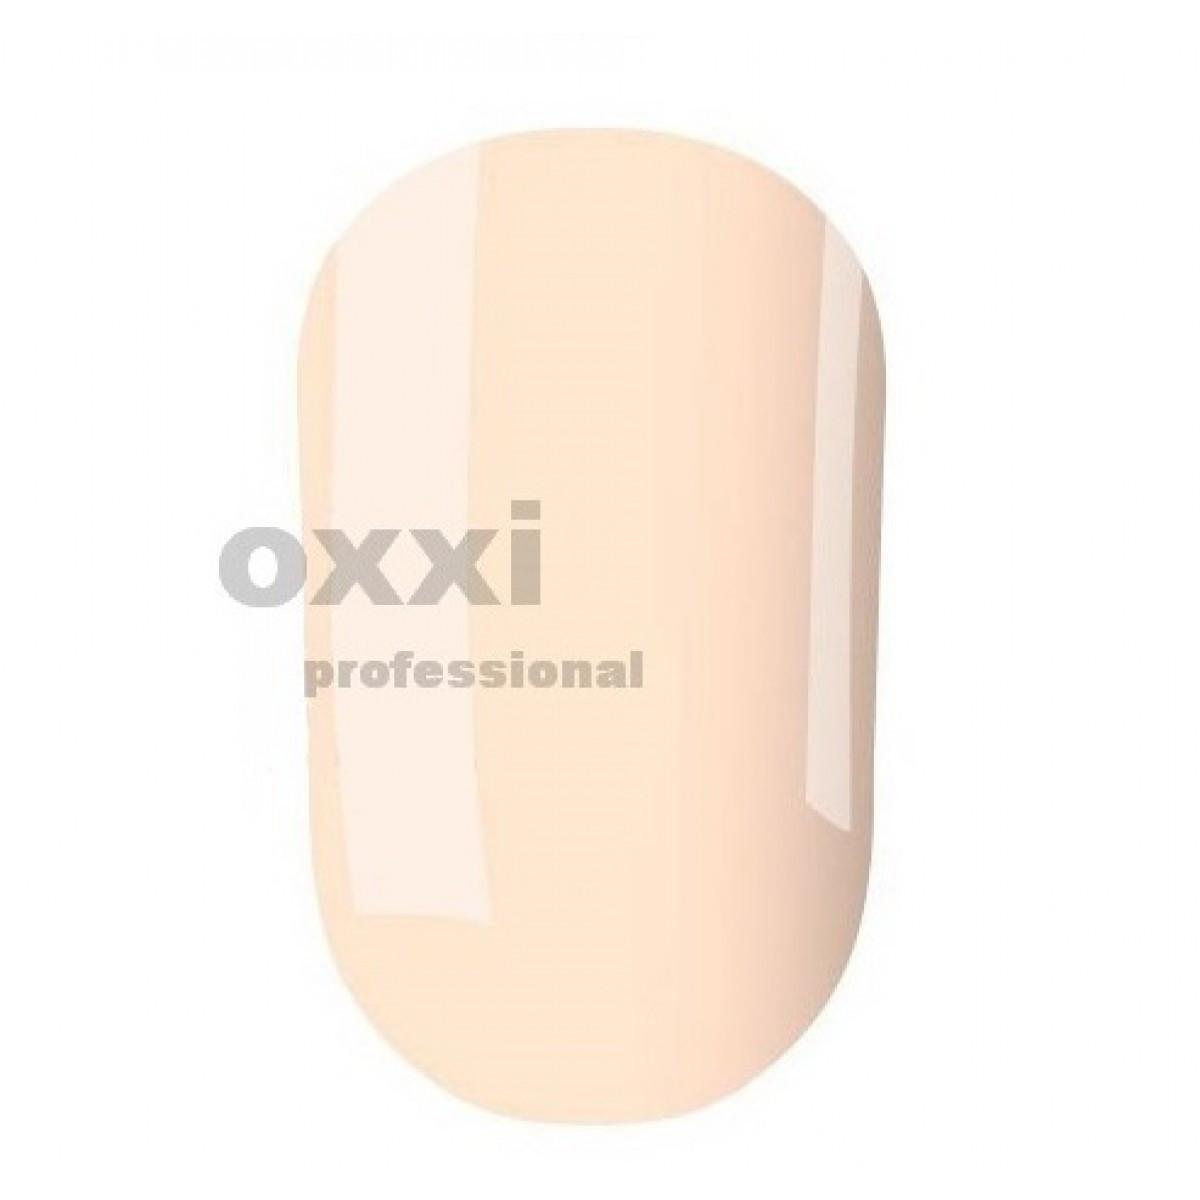 101 OXXI Гель-лак 8 мл